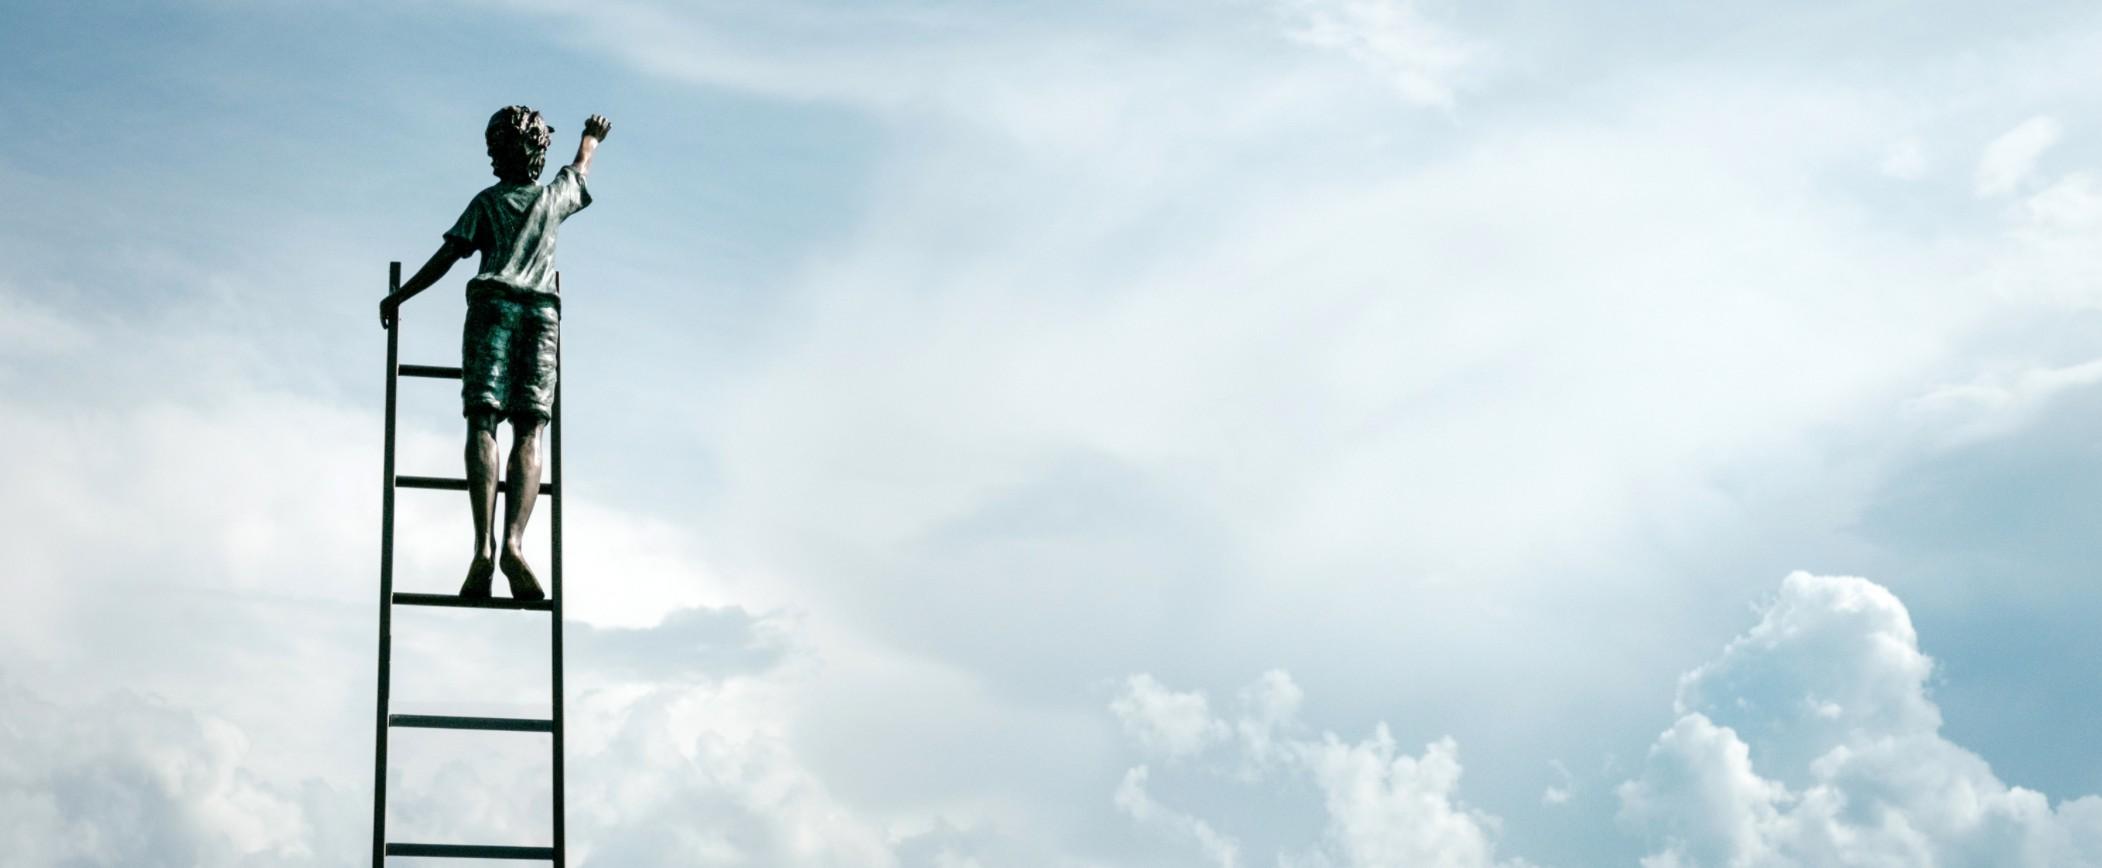 Art of Cloud | LinkedIn